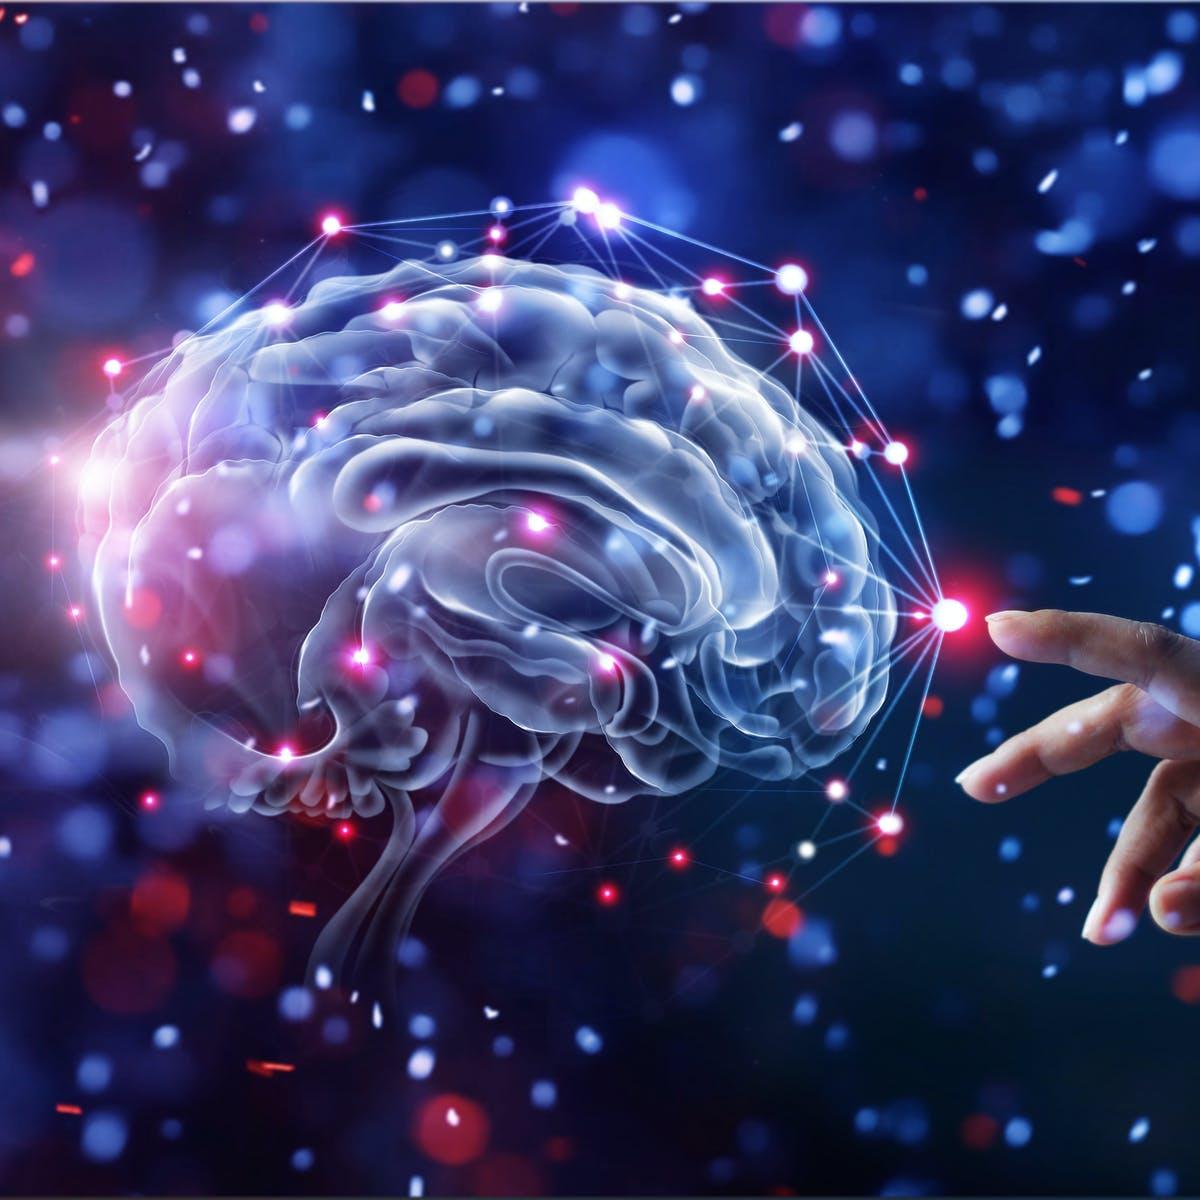 健康づくりの為の運動では筋力に脳と感覚の要素を加えると良いかもしれません